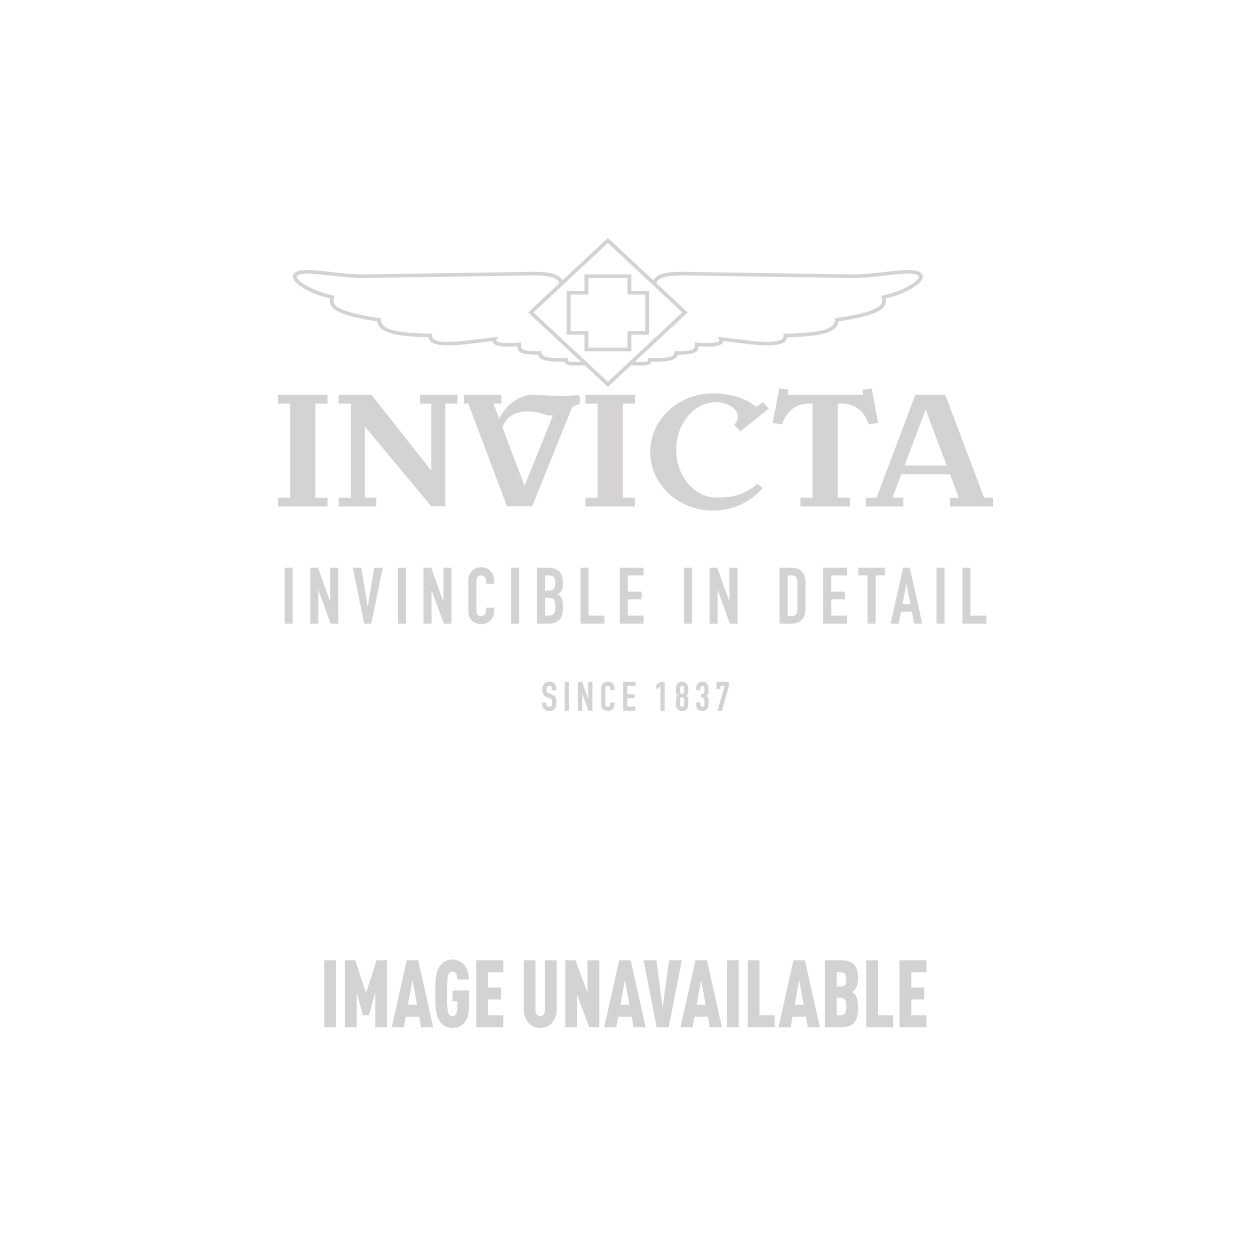 Invicta Model 28725